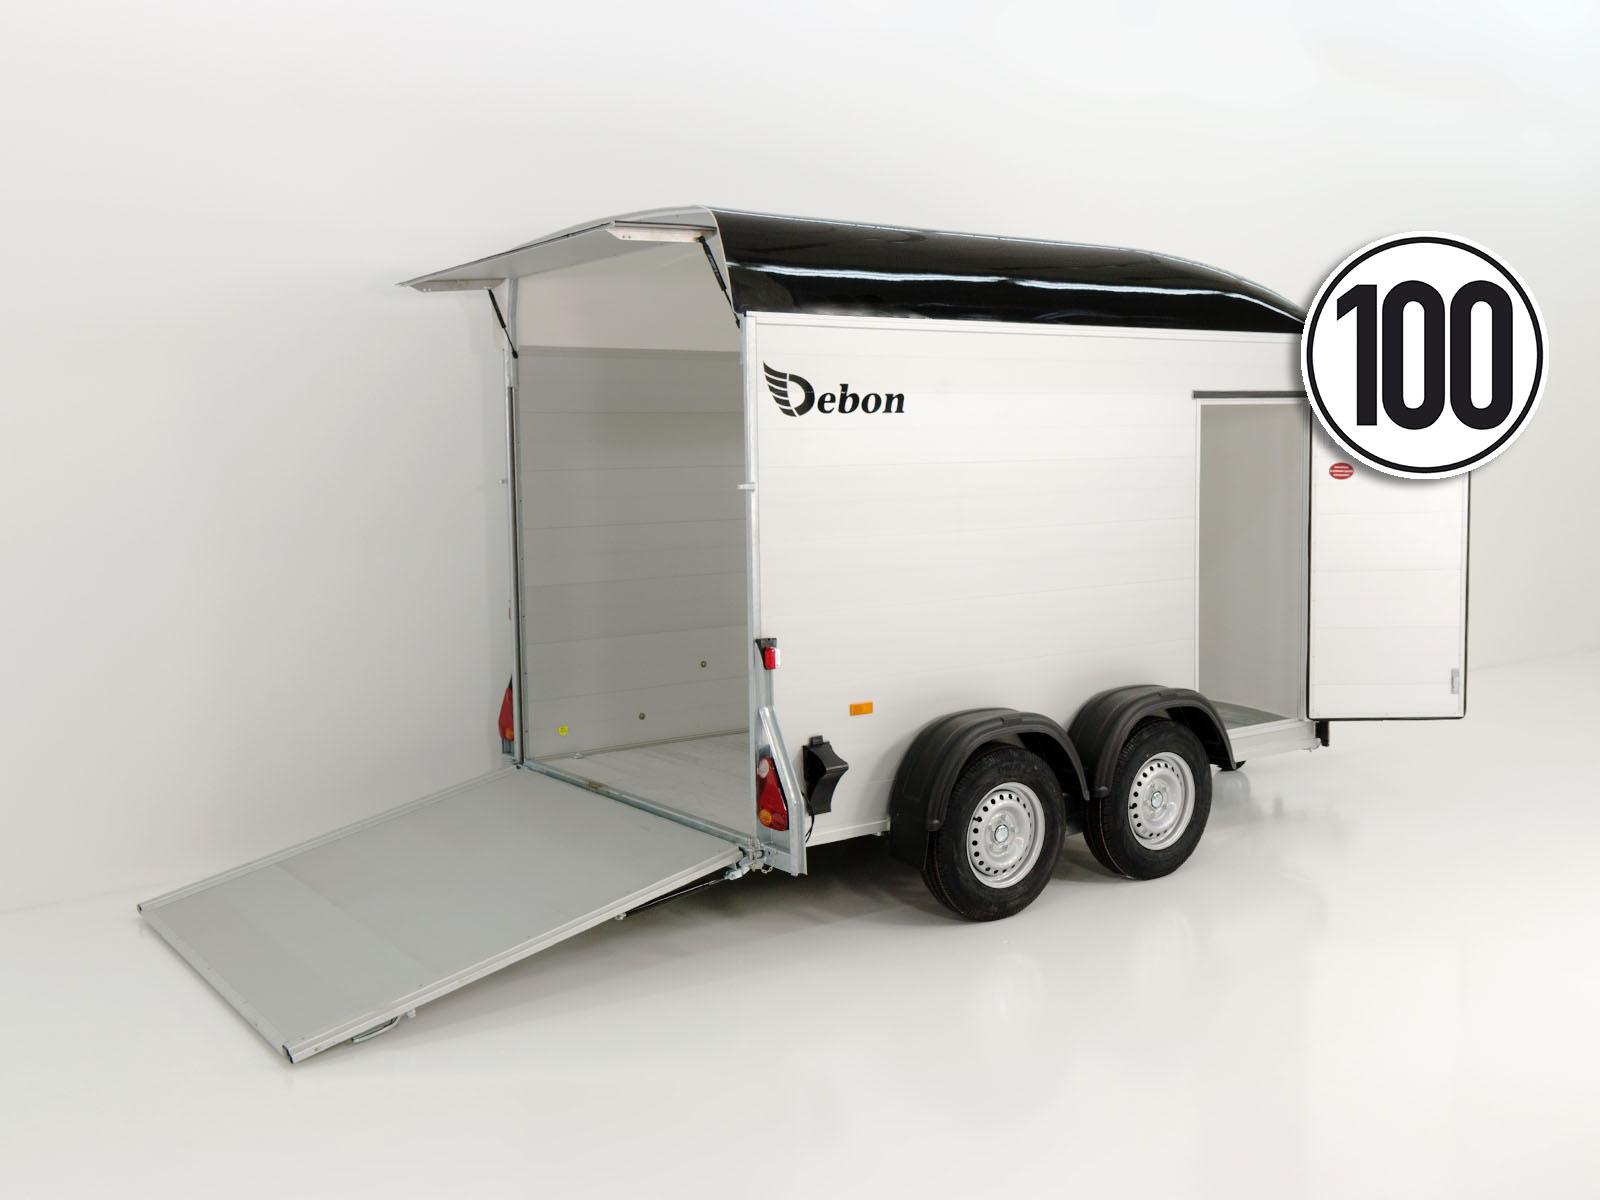 kofferanh nger cargo aluminium mit polybug 2 0t motorrad. Black Bedroom Furniture Sets. Home Design Ideas